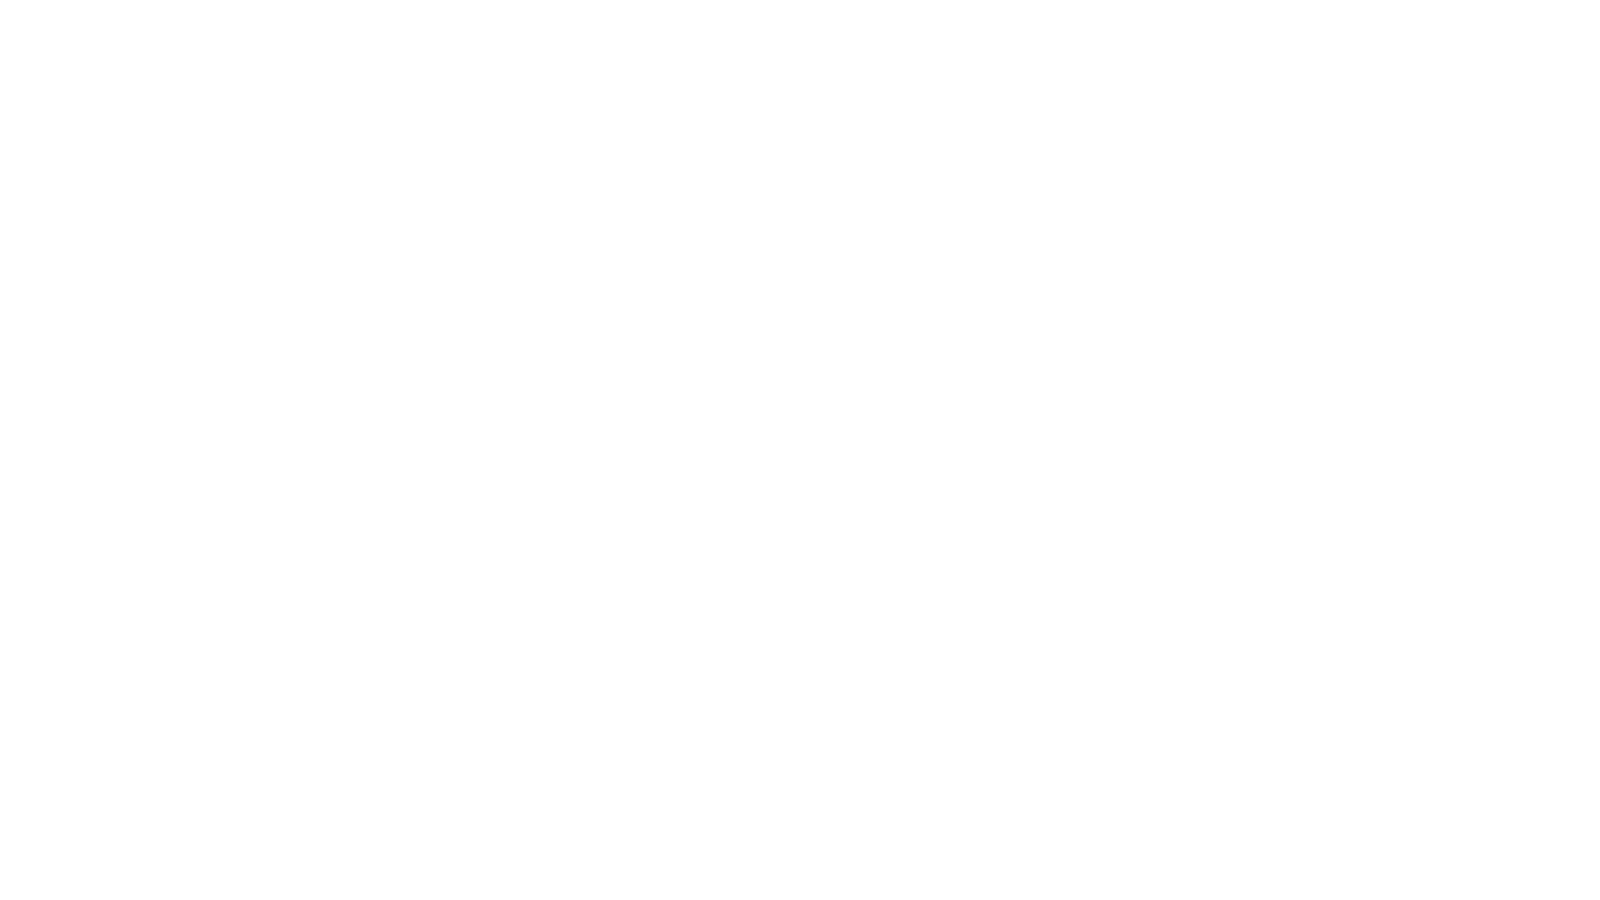 Panel: Psikolog Celal Deveci Siyasetçiler Serdal Benli, Serkan Köse, Şengül Deniz Bedia Bulduk Sarıhan Modaretörler: Necati Gezen ve Ahmet Gezer